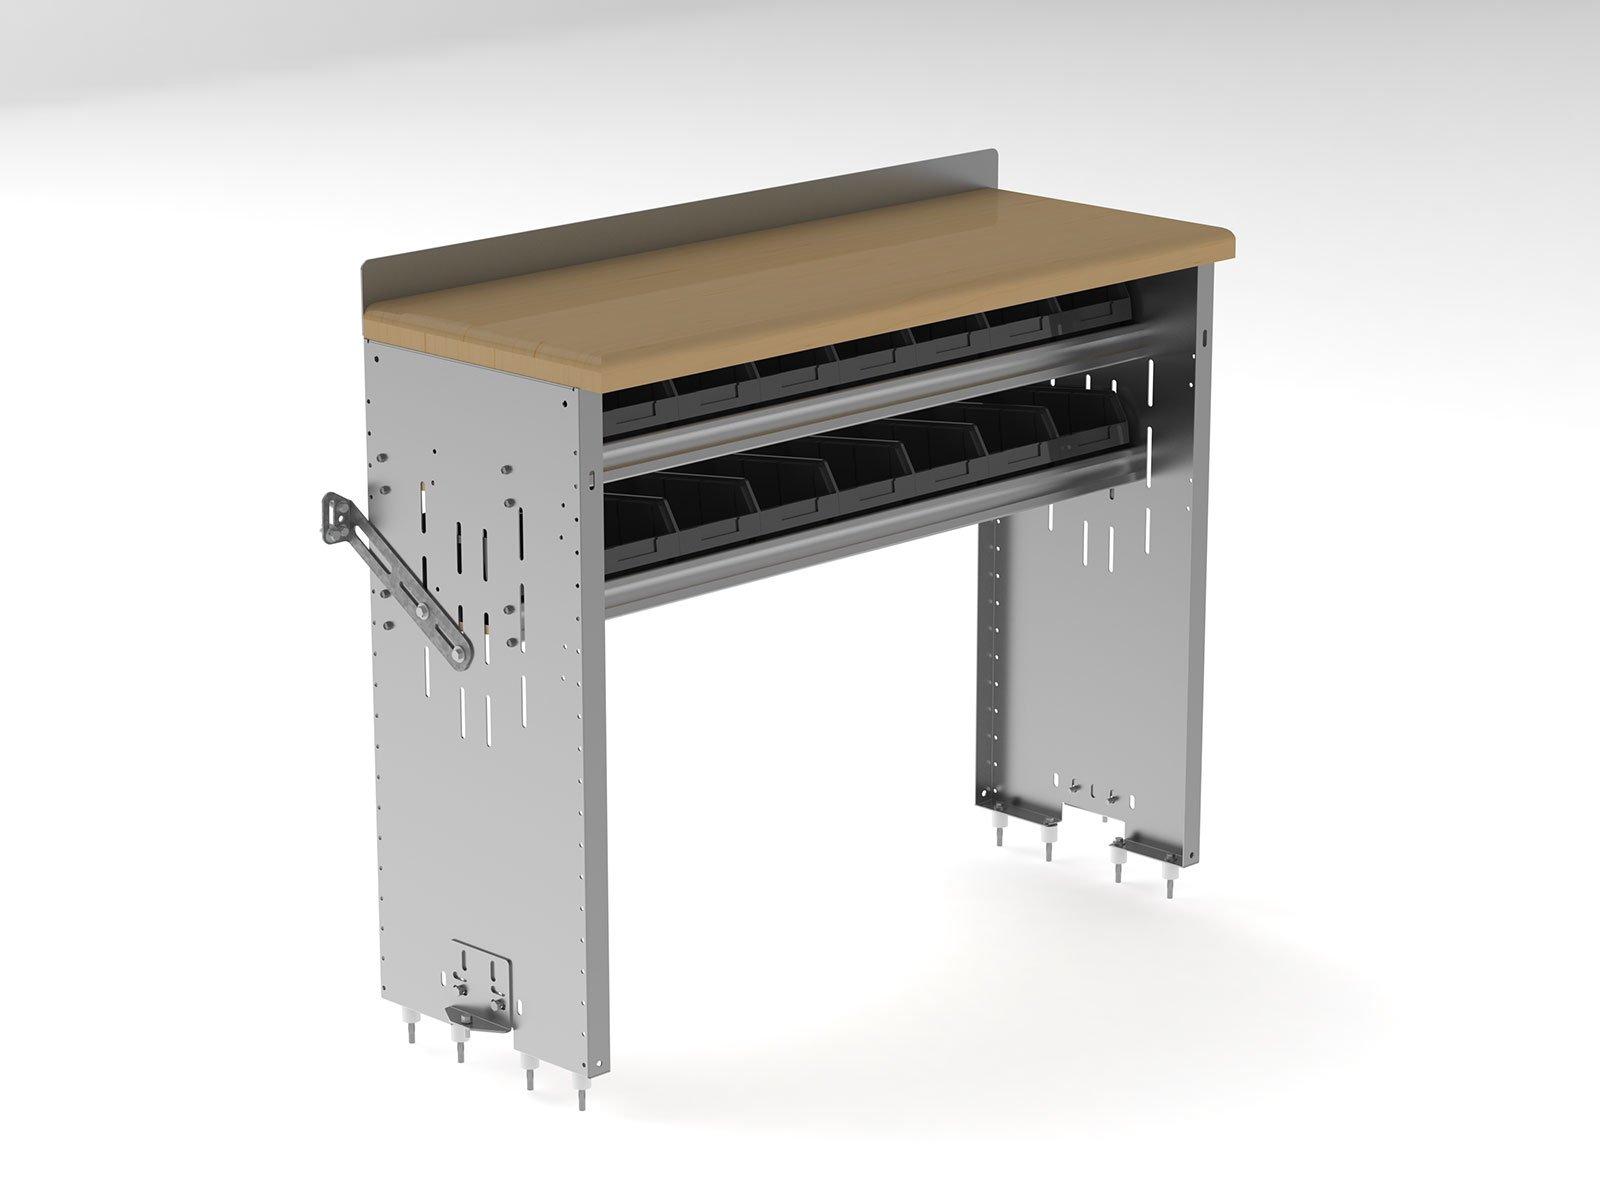 Ranger Design Workbench, Aluminum w/Hardwood Top, 2 Bin Shelves, 18''d x 48''w x 36''h, 7211